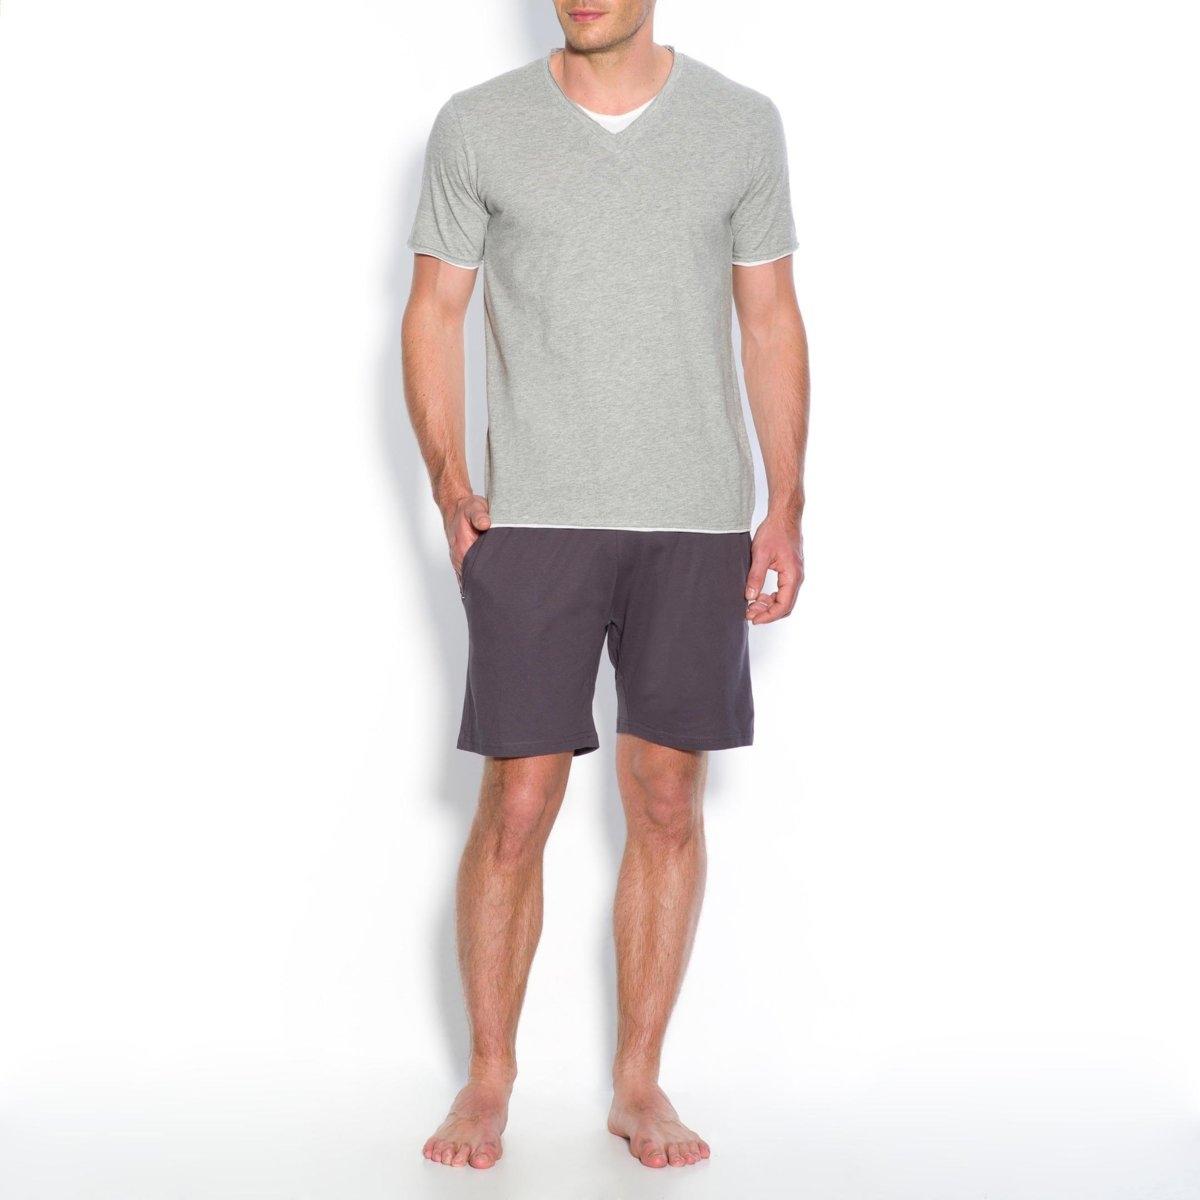 Пижама с шортамиПижама с шортами из джерси, 100% хлопок. Современная и комфортная.Пижама с шортами: футболка с короткими рукавами, V-образный вырез с двойным эффектом и шорты с эластичным поясом и 2 боковыми карманами + 1 карманом сзади.Знак Oeko-Tex*. *Международный знак Oeko-Tex гарантирует отсутствие вредных и раздражающих кожу веществ.<br><br>Цвет: серый меланж/антрацит,темно-синий/ серый